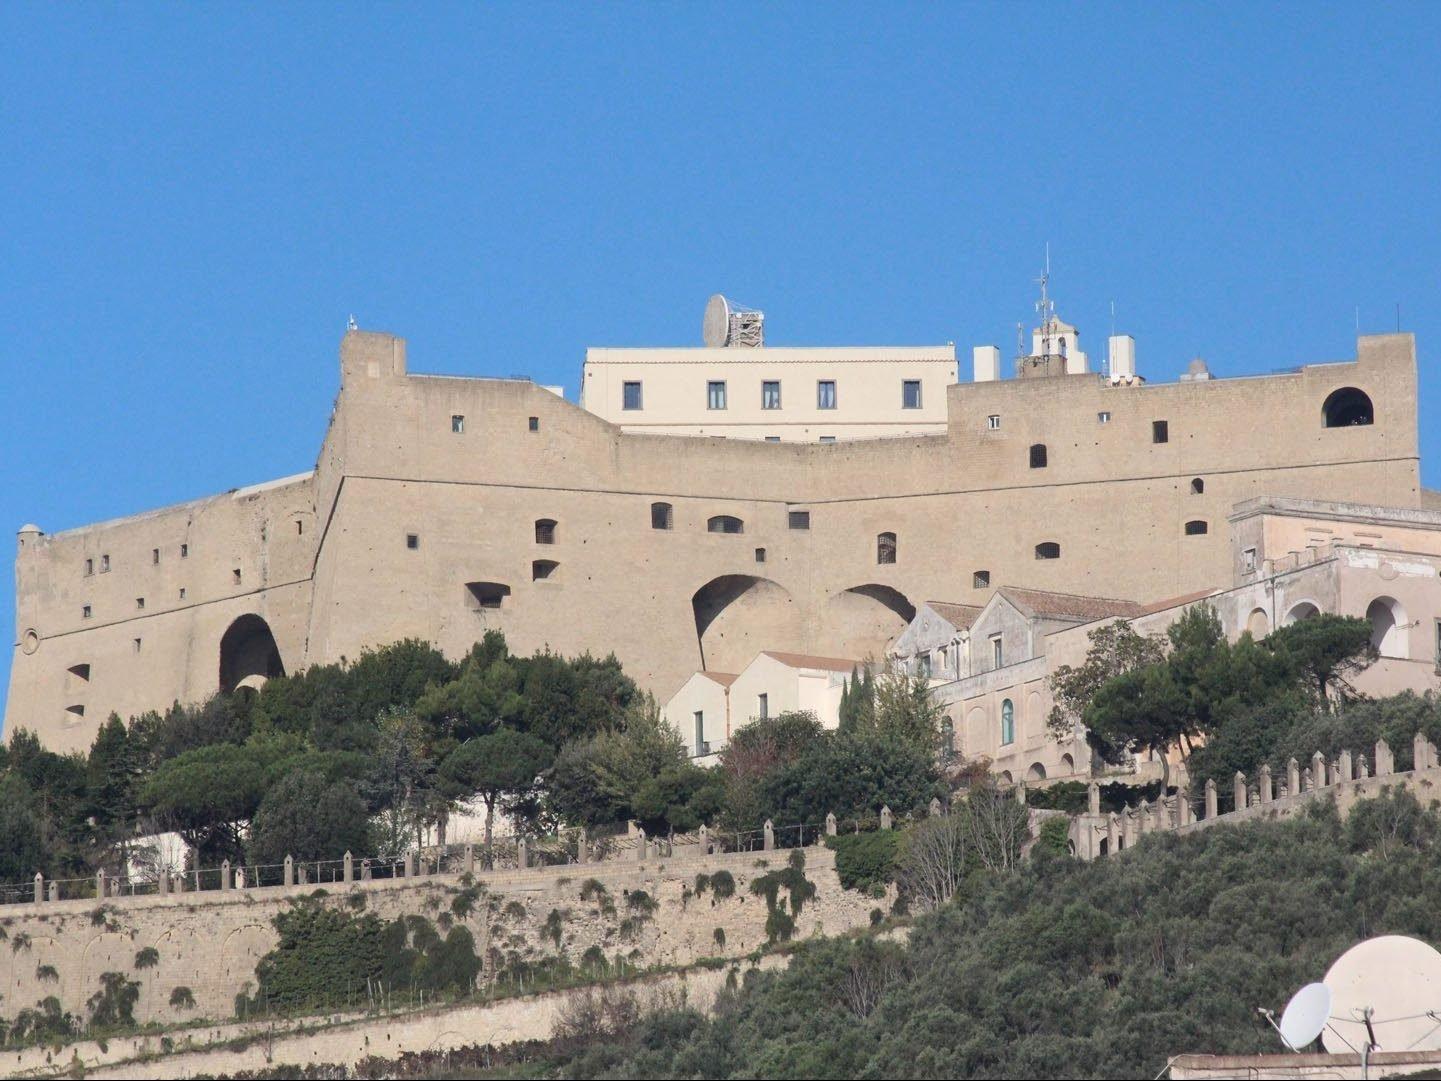 sire-ricevimenti-evento-Castel Sant'Elmo-congressi (3)